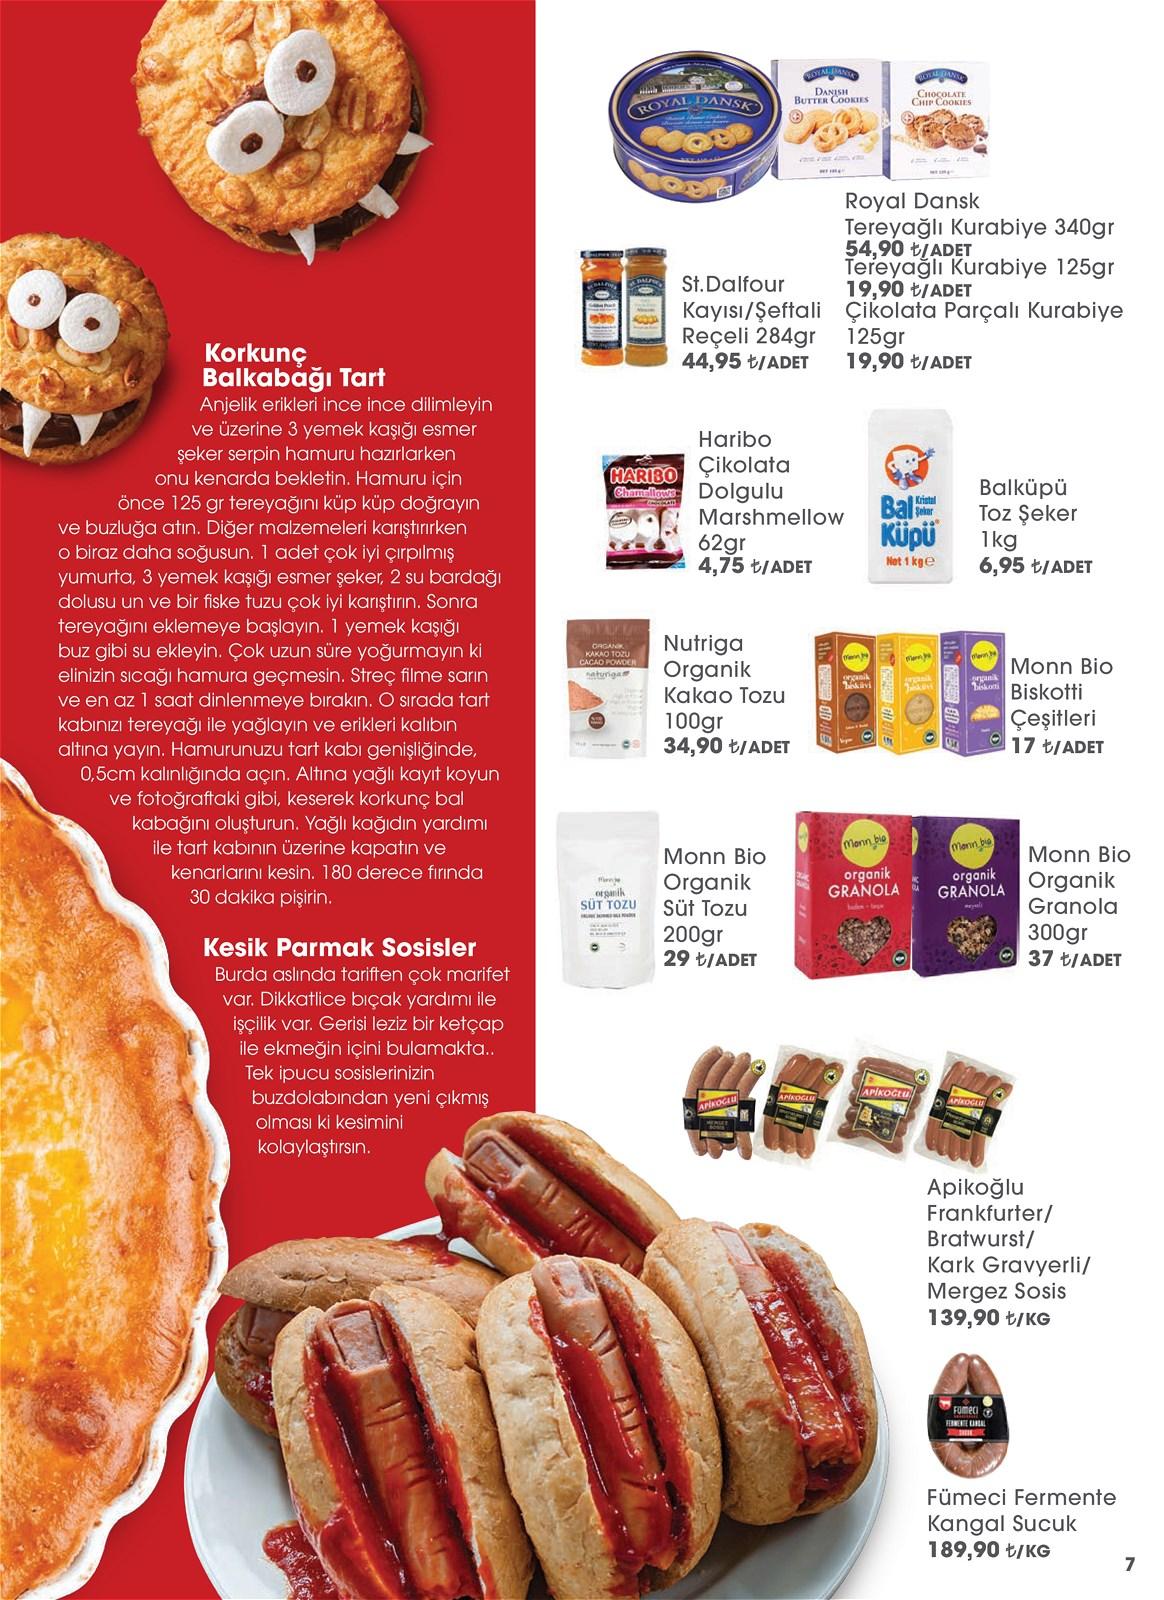 11.10.2021 CarrefourSA broşürü 7. sayfa